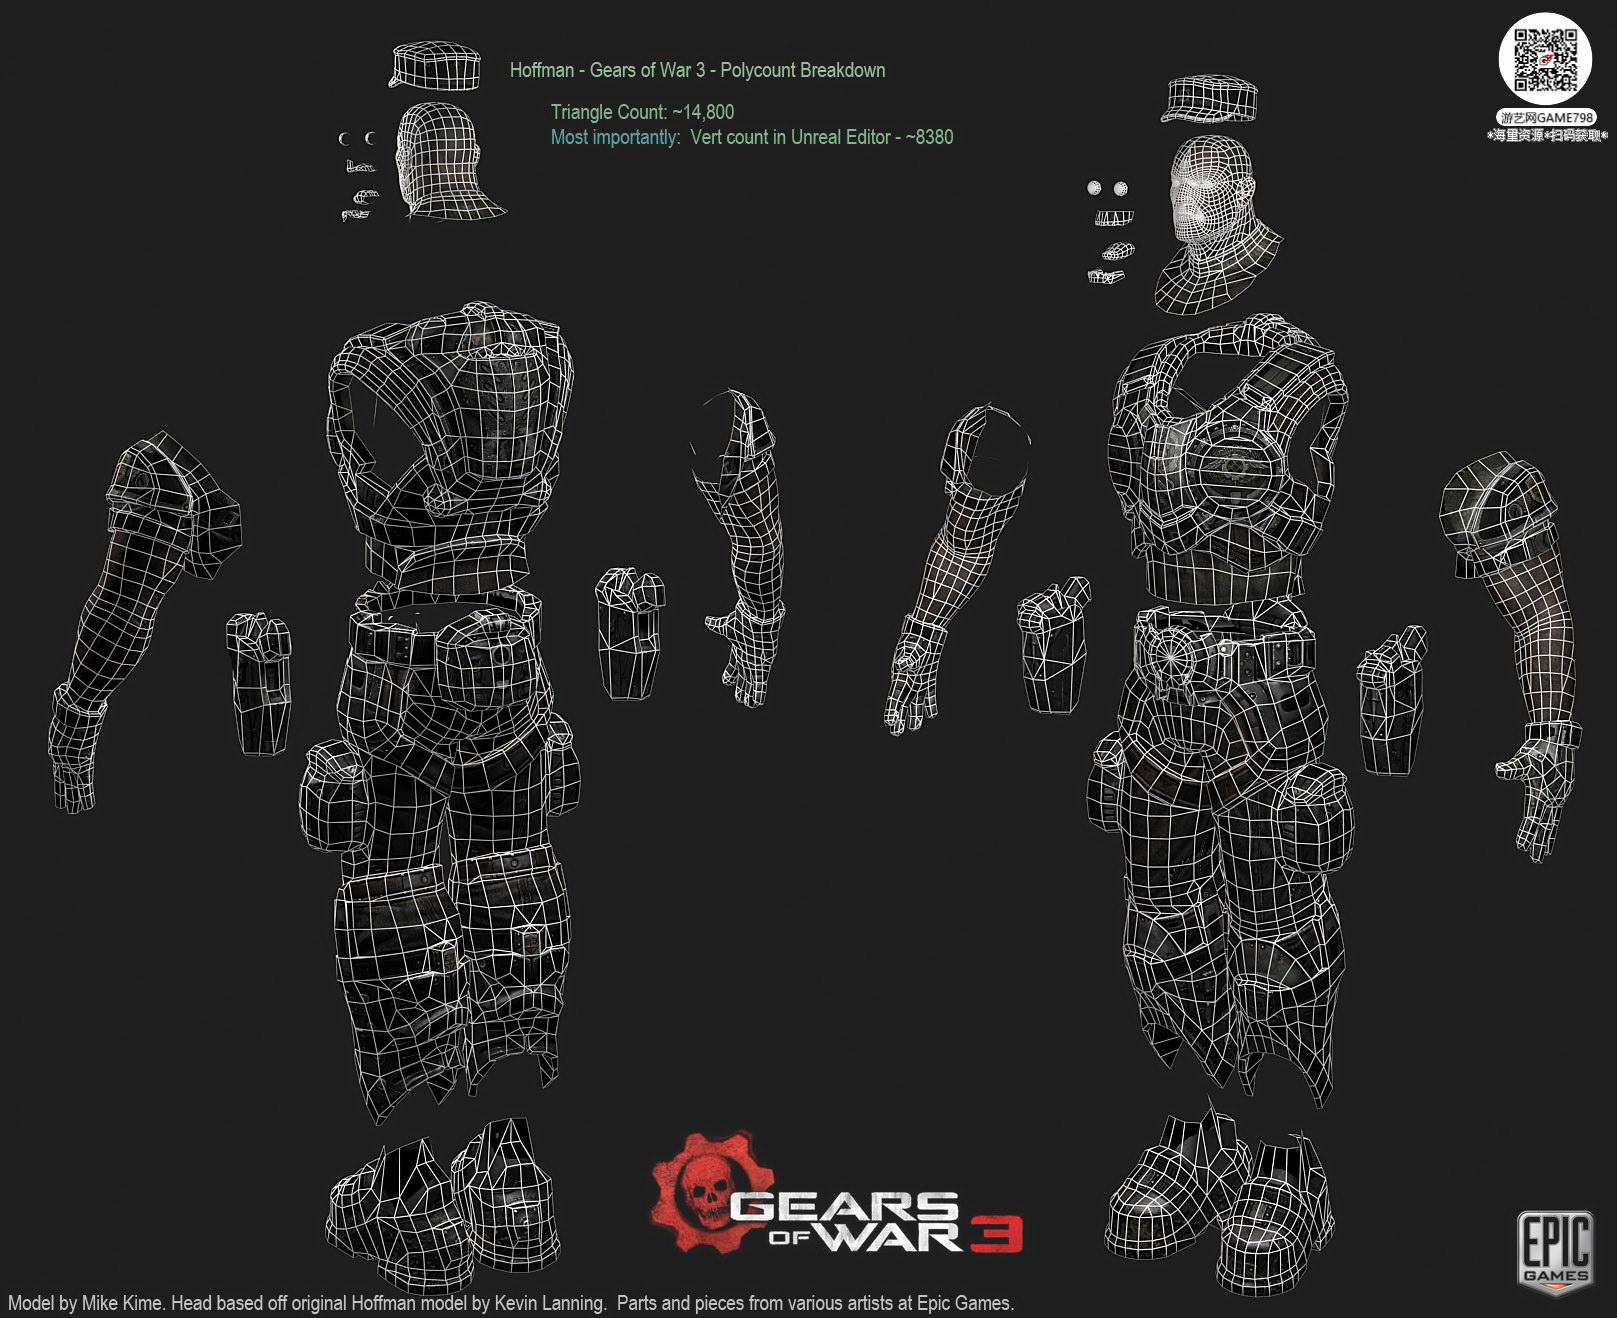 084_关注-游艺网GAME798海量资源下载【战争机器3|3D角色】经典角色设定.jpg